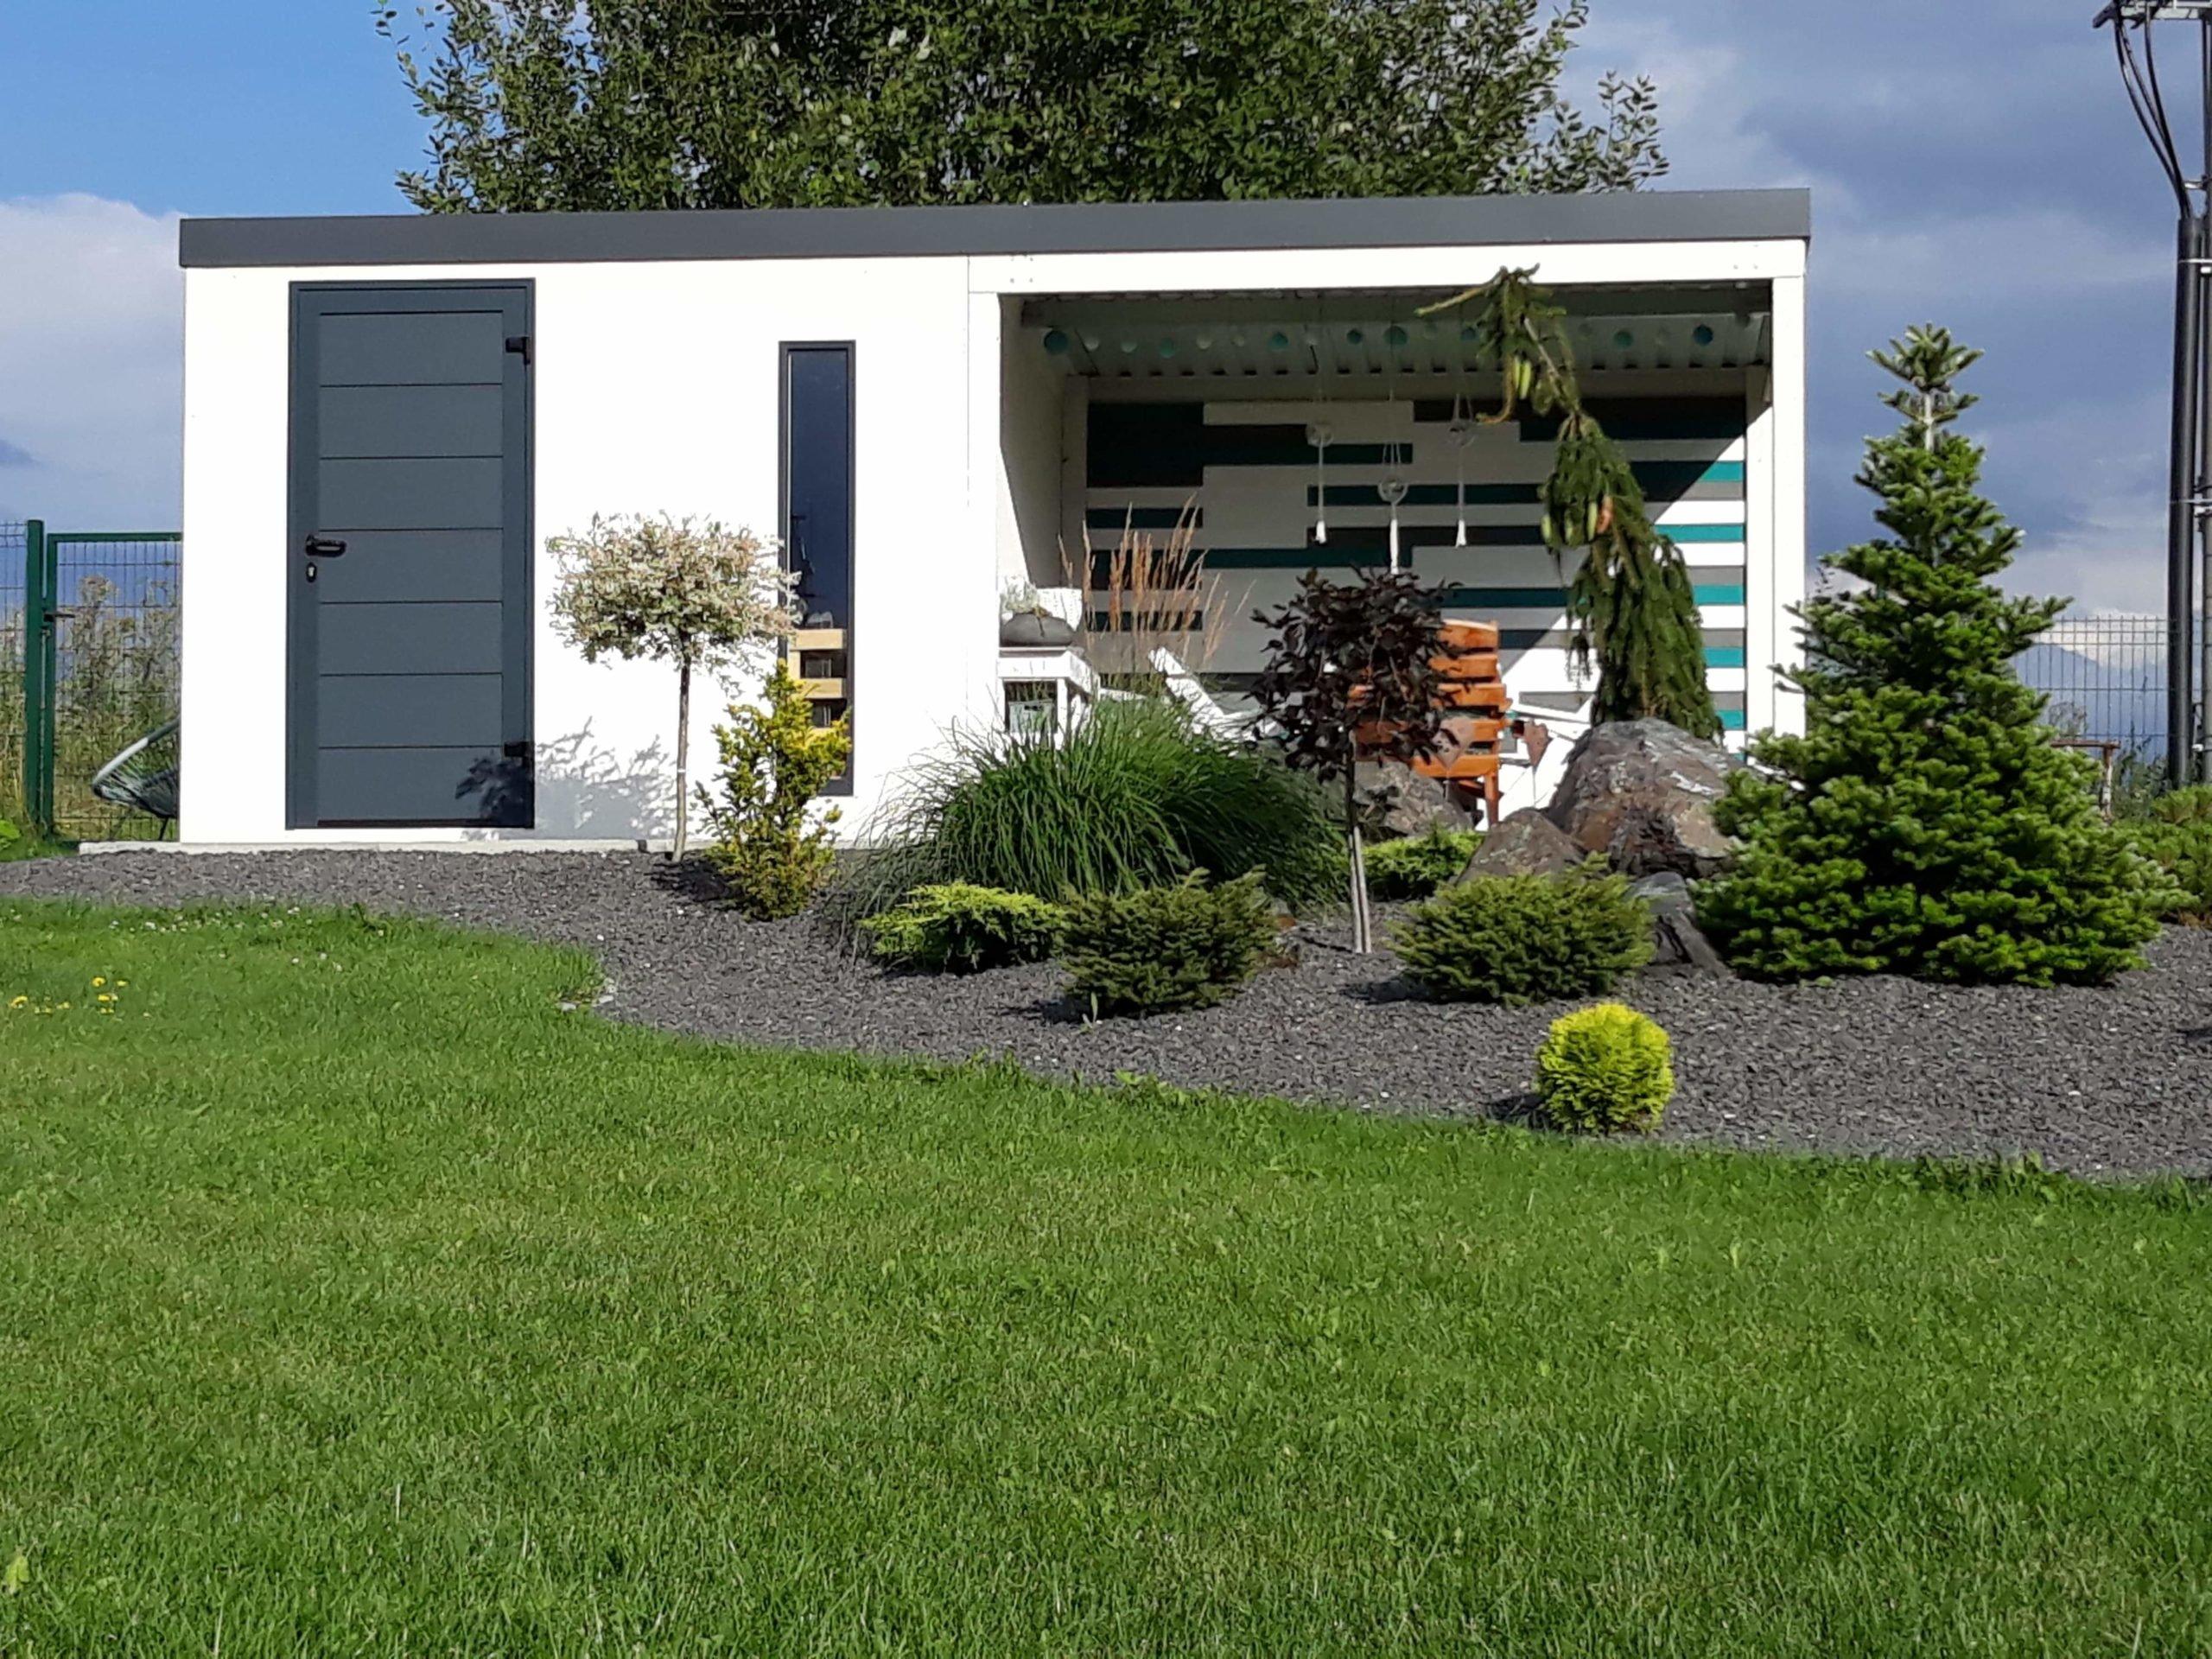 Design-Häuschen von GARDEON in einem gepflegten Garten